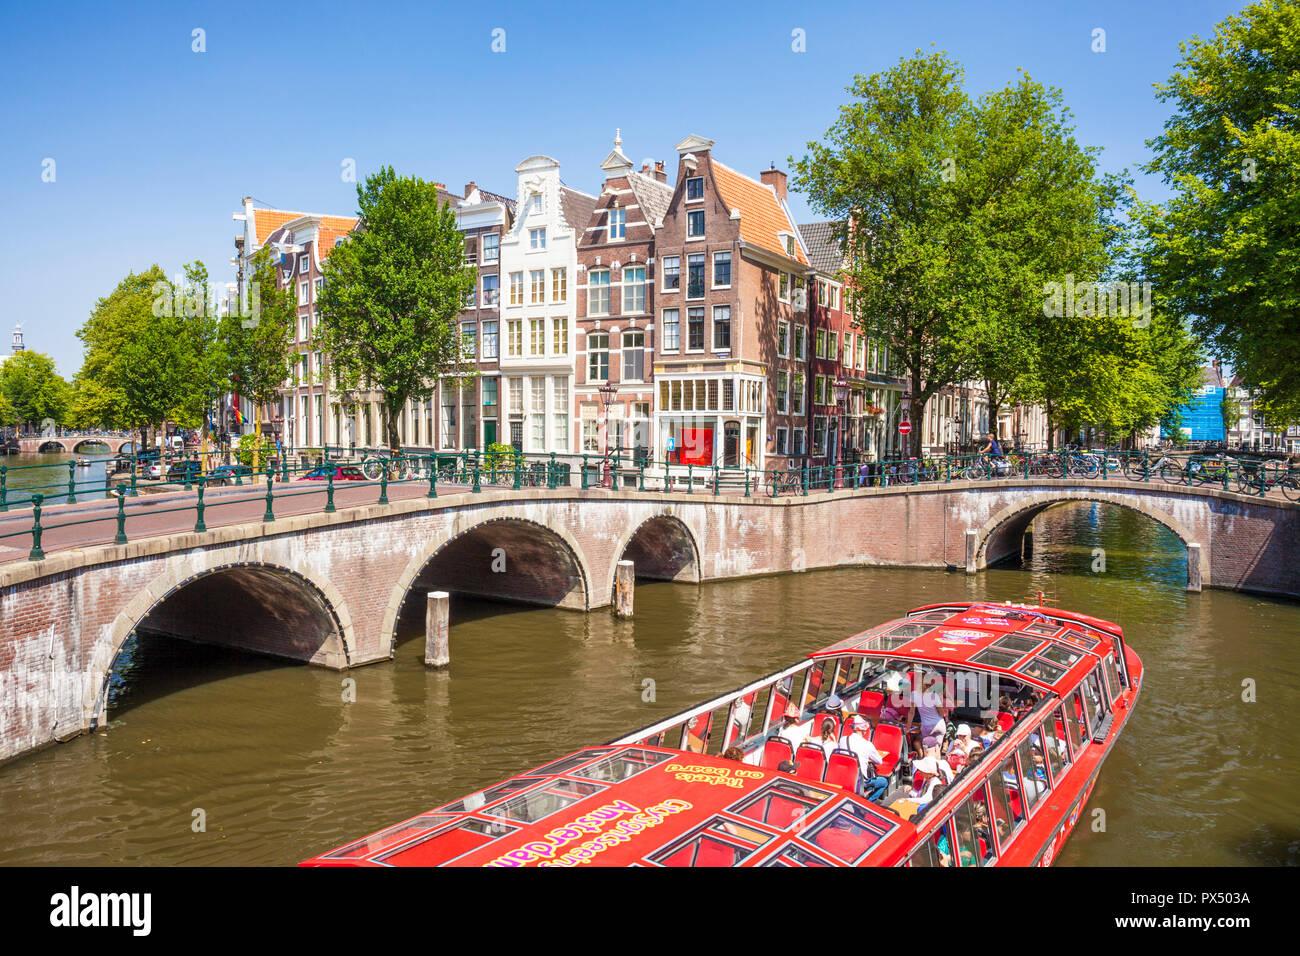 L'Amsterdam canal bateau sous les ponts du canal Leidsegracht au croisement avec canal Keizergracht Amsterdam Pays-Bas Hollande eu Europe Photo Stock